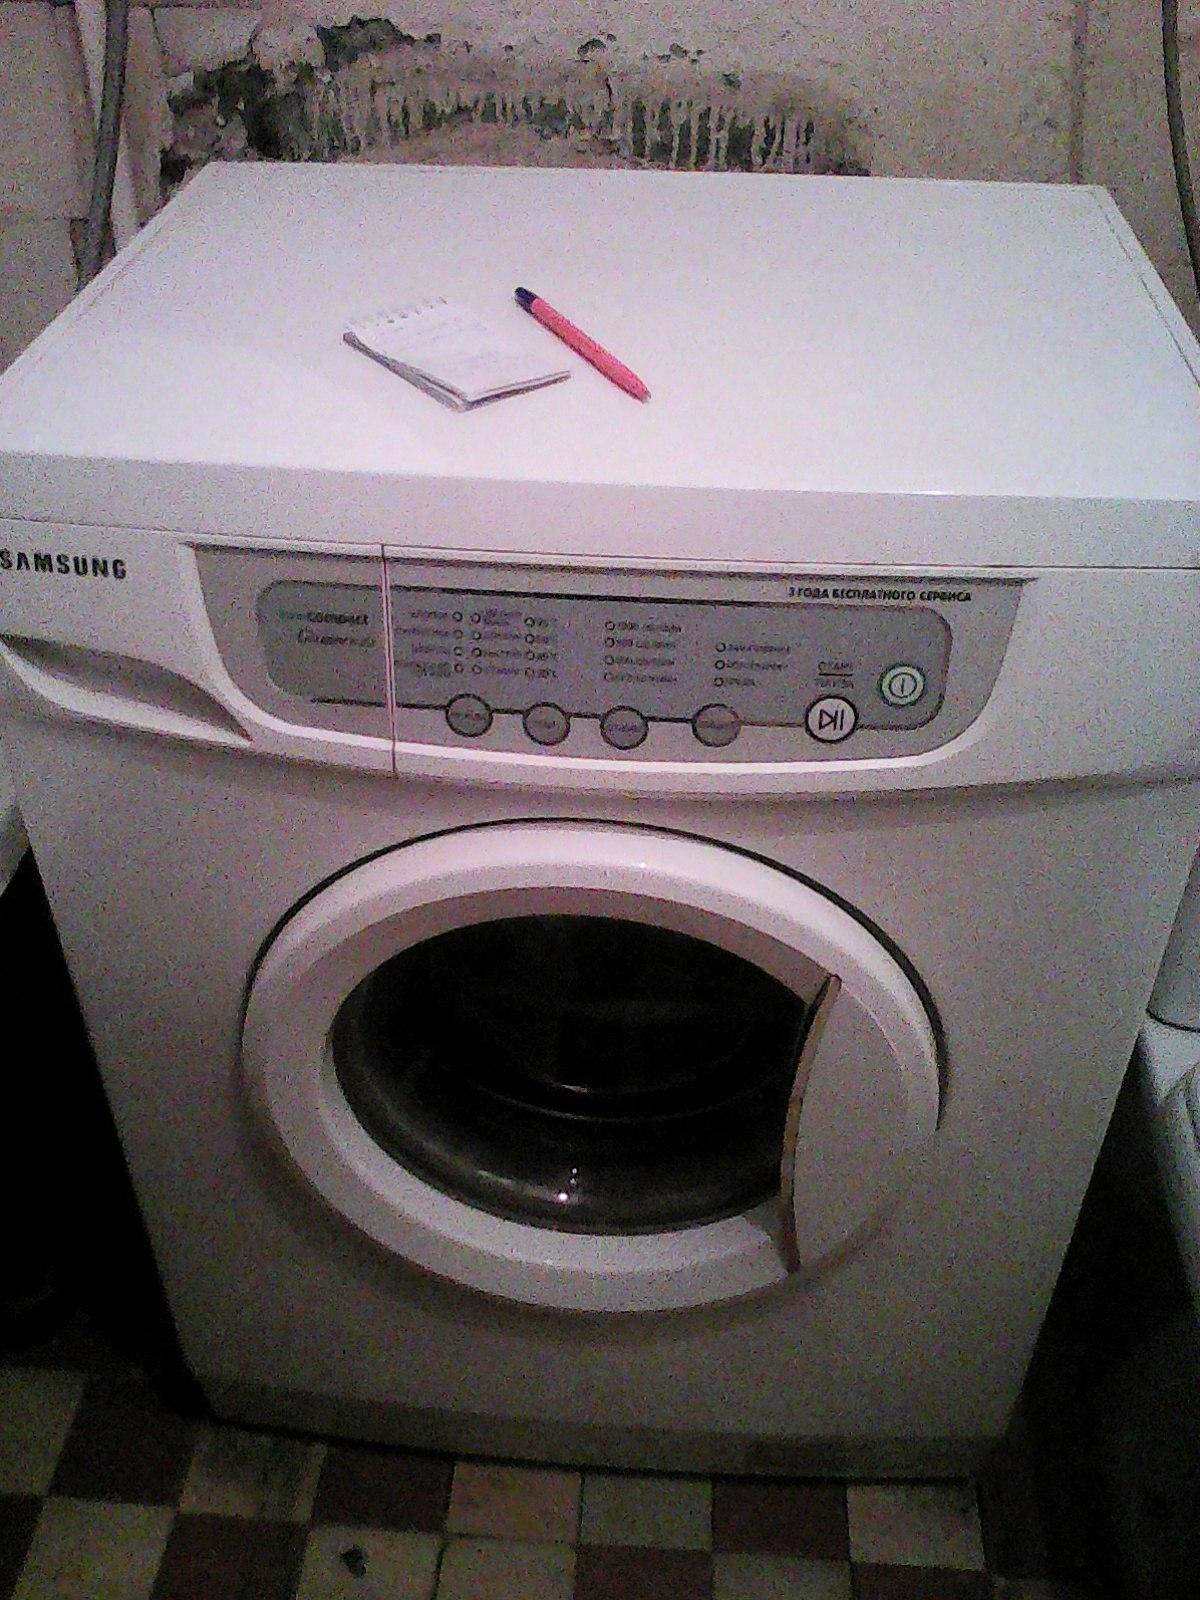 Автоматическая стиральная машина Samsung R 1052 Fuzzy New Compact